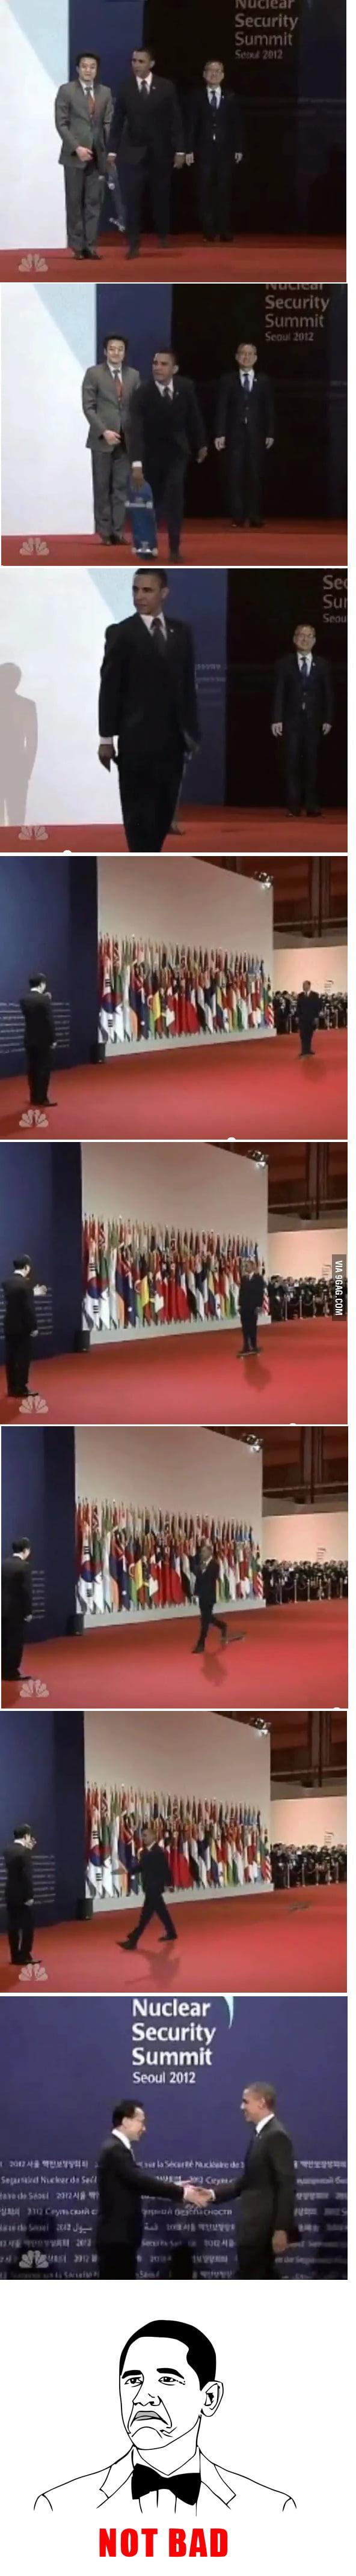 Obama like a boss